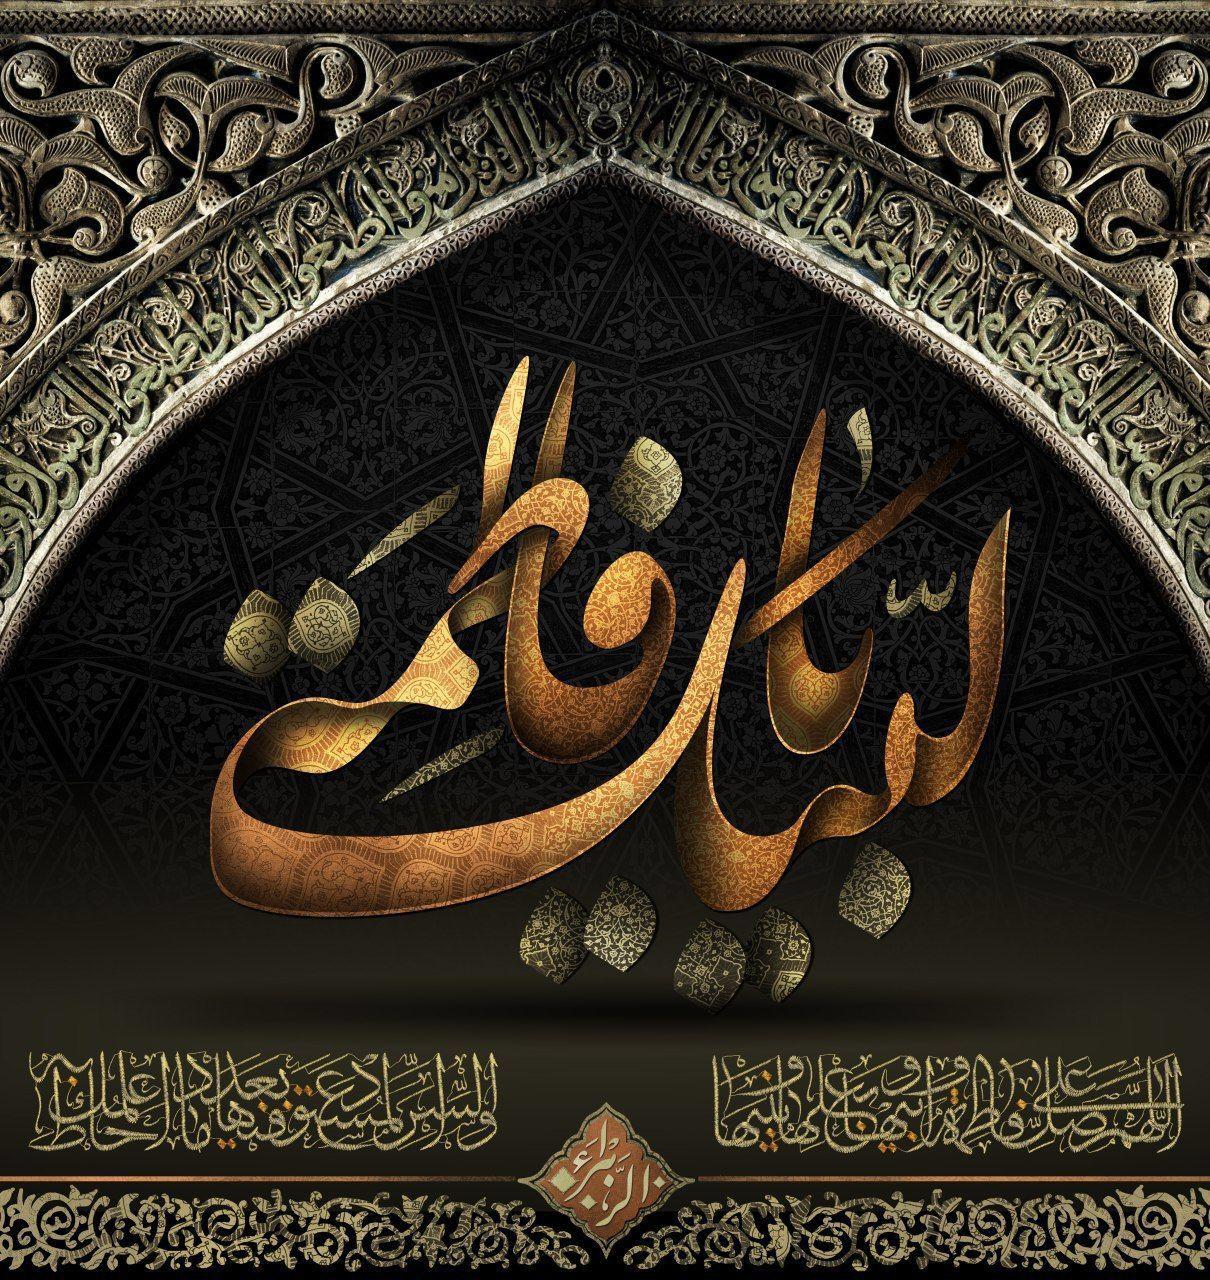 لبيك يا فاطمة Islamic Art Shia Muslim Hazrat Ali Sayings